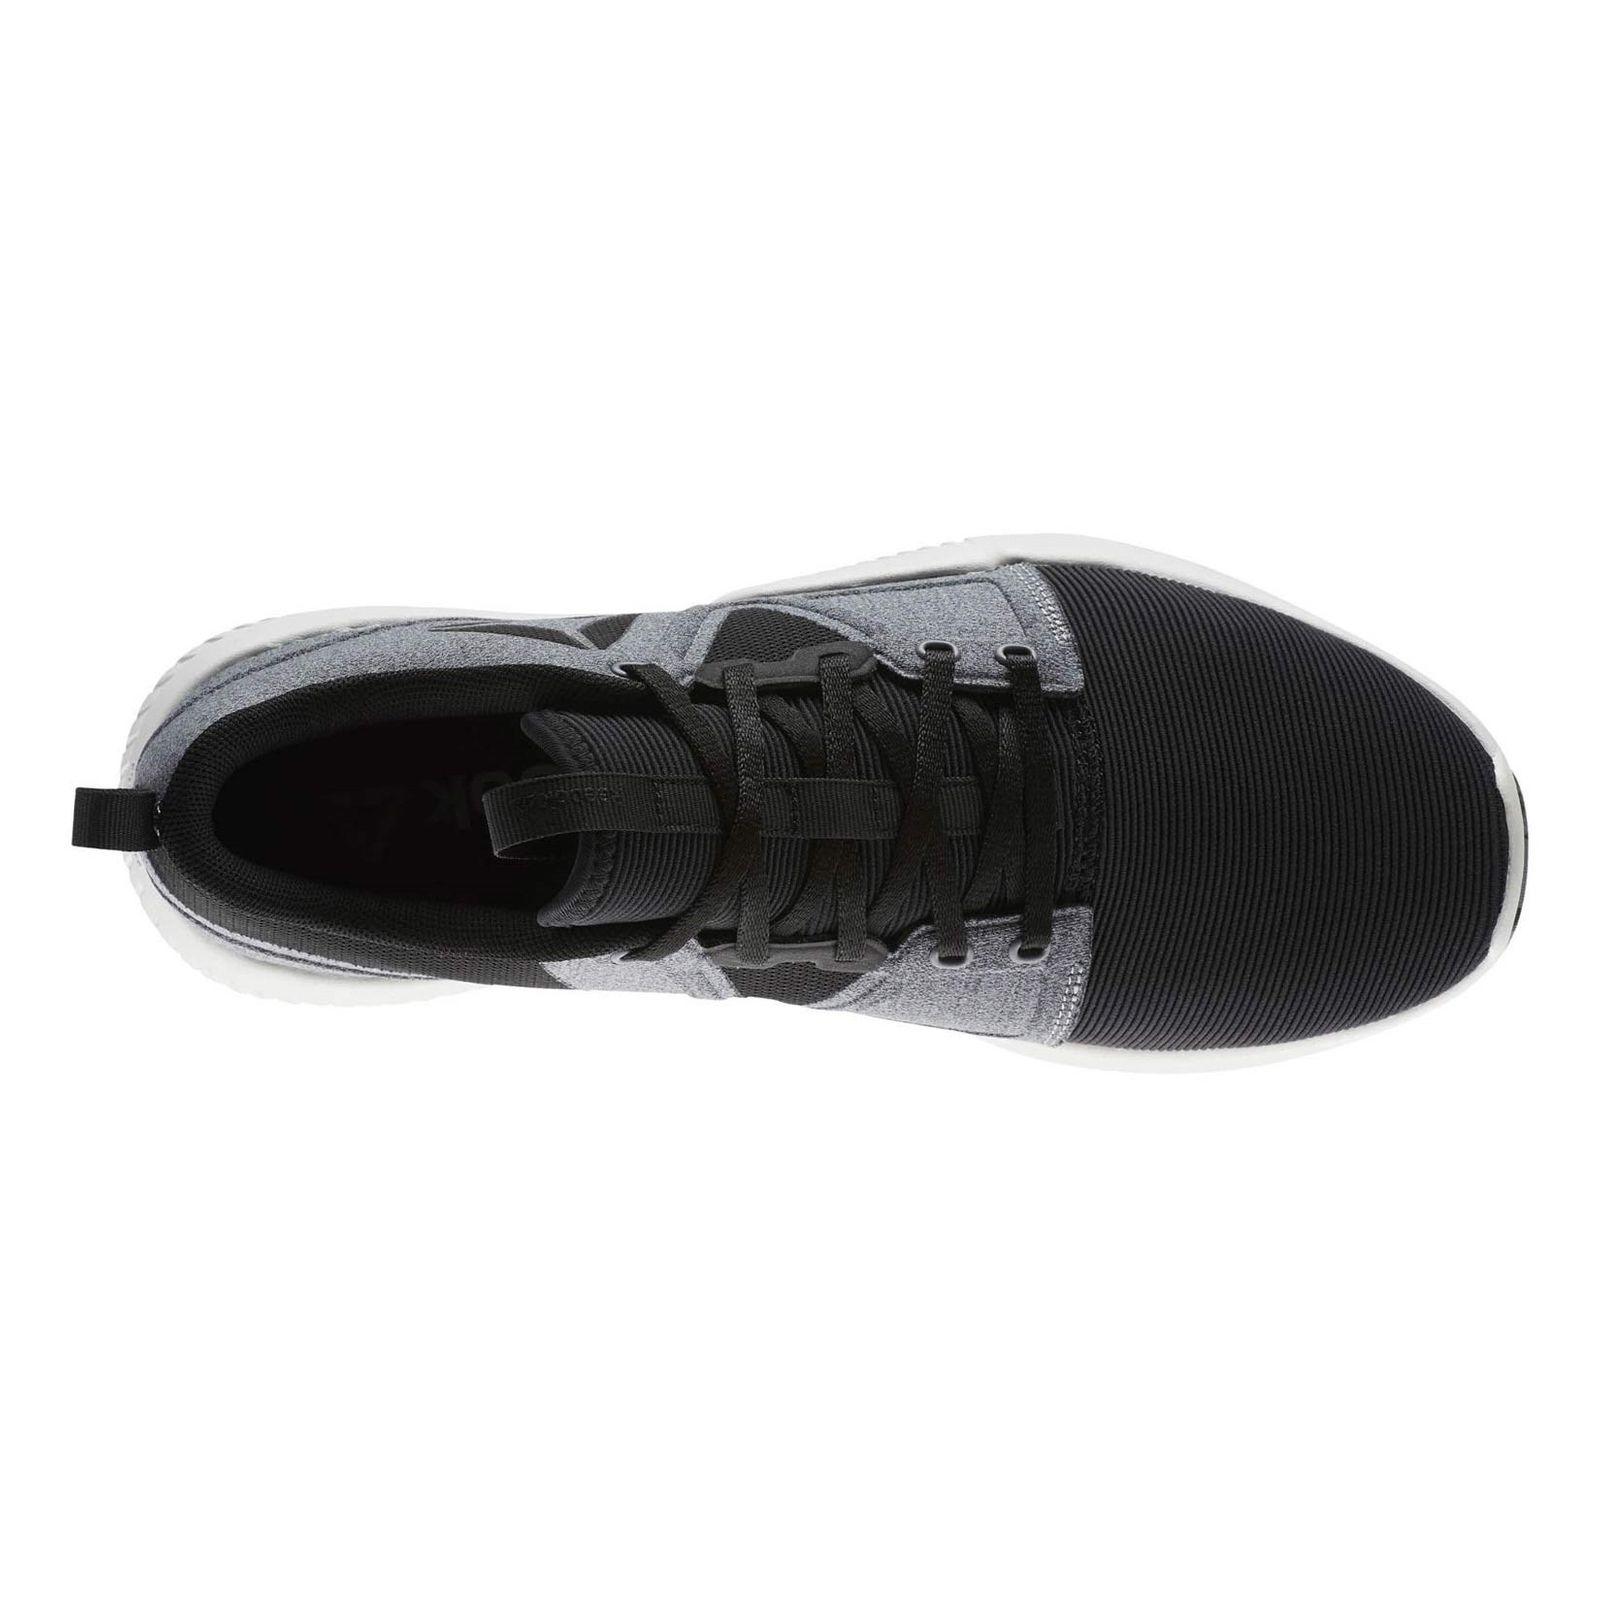 کفش تمرین بندی مردانه Hydrorush - ریباک - مشکي و طوسي - 2